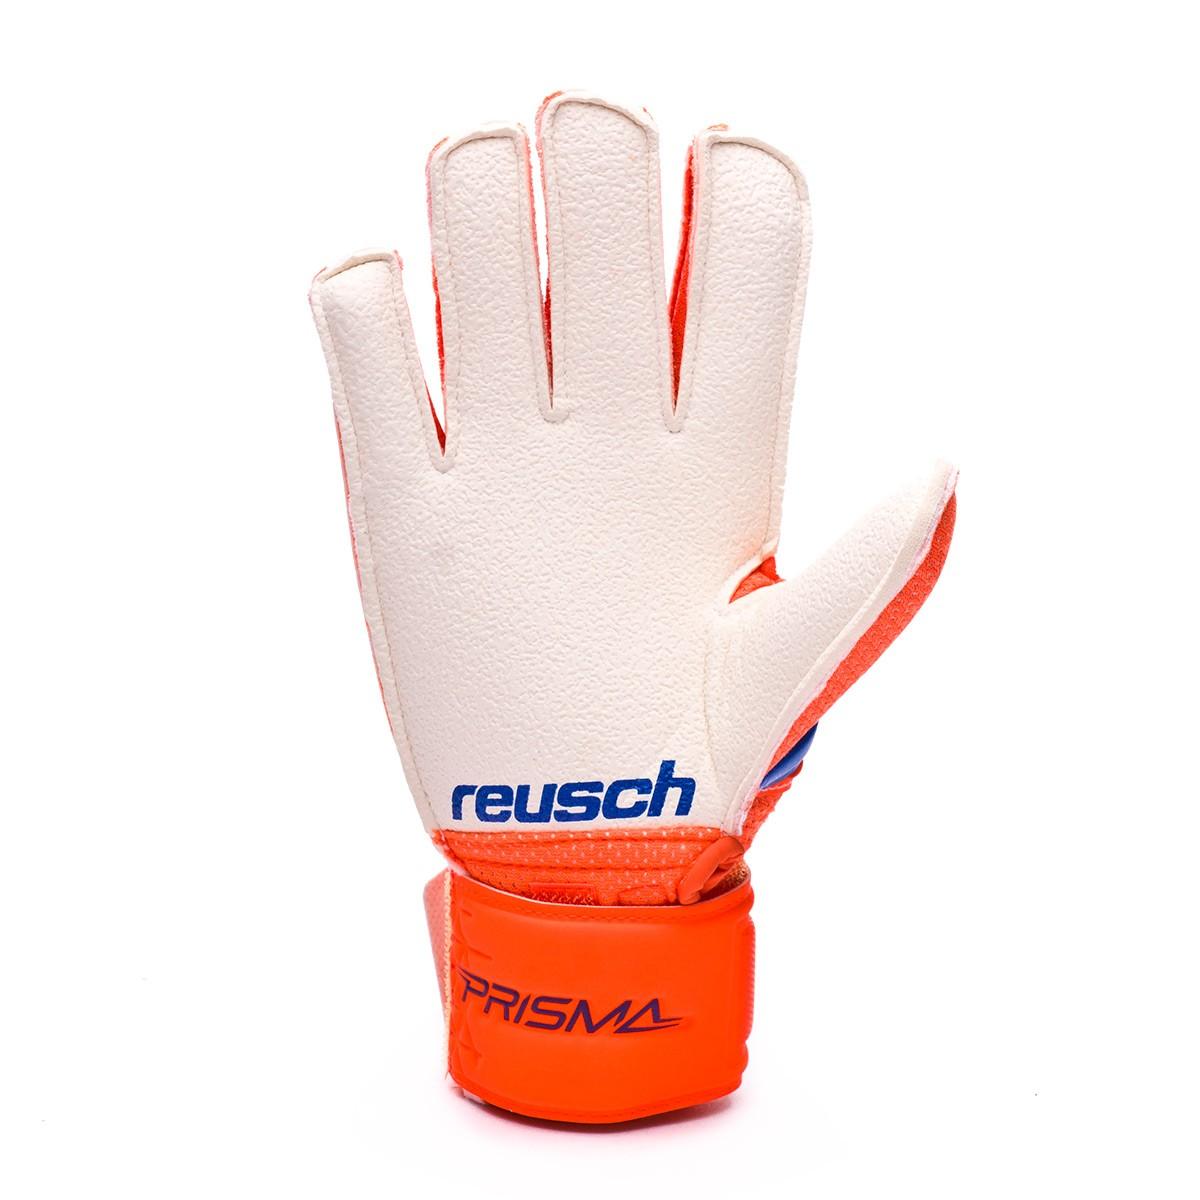 7459ea69eeb Guante de portero Reusch Prisma RG Easy Fit Junior Shocking orange-Blue -  Tienda de fútbol Fútbol Emotion